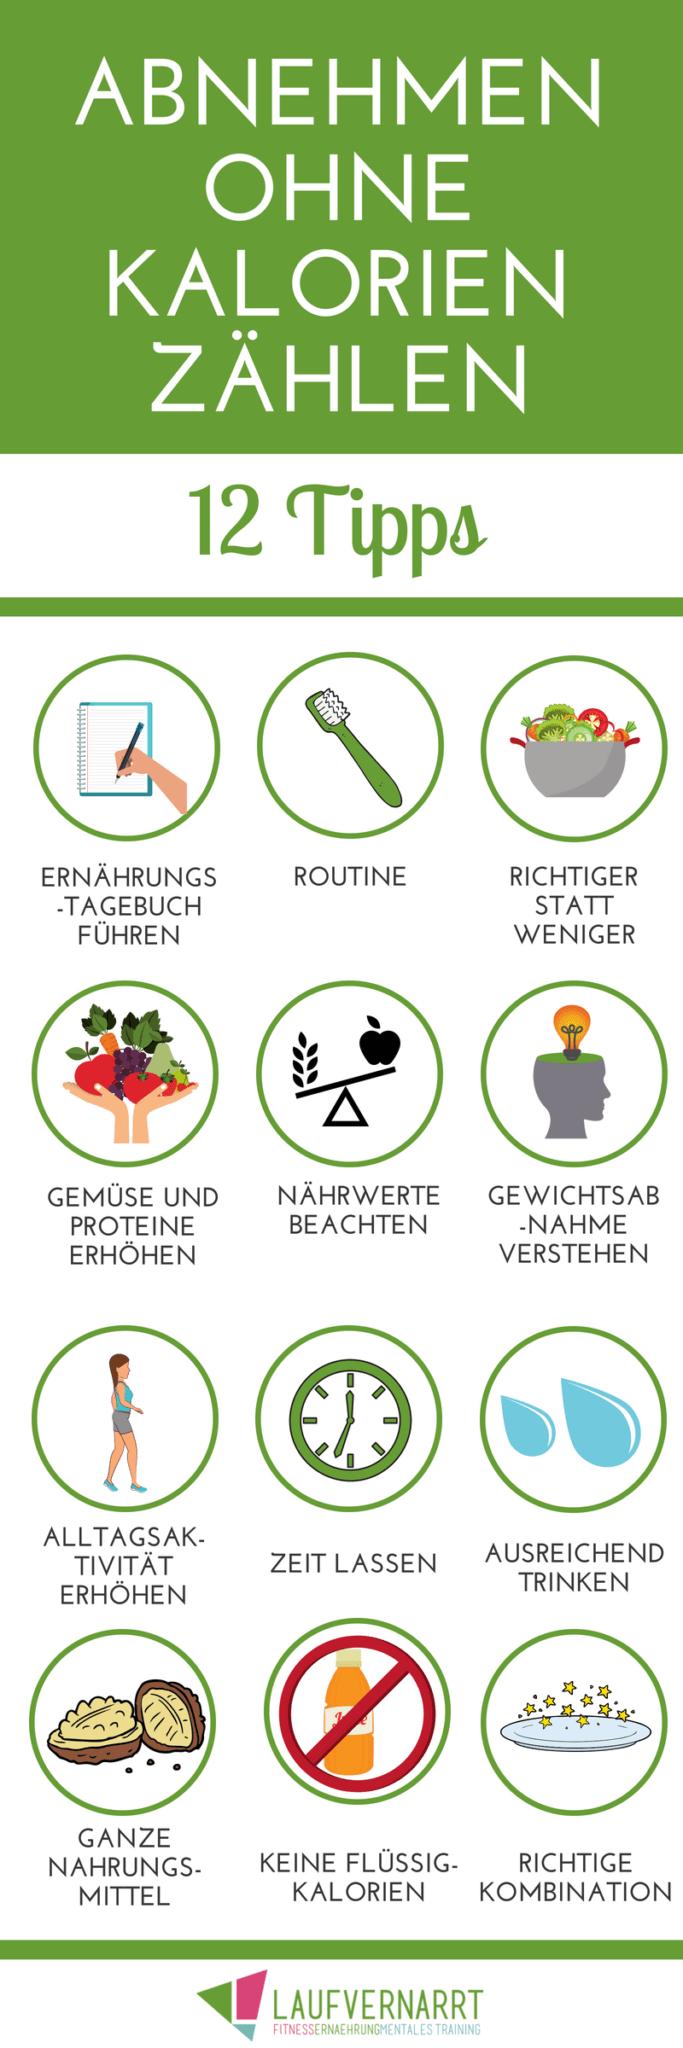 Obst und Gemüse, die Gewichtsverlust verursachen